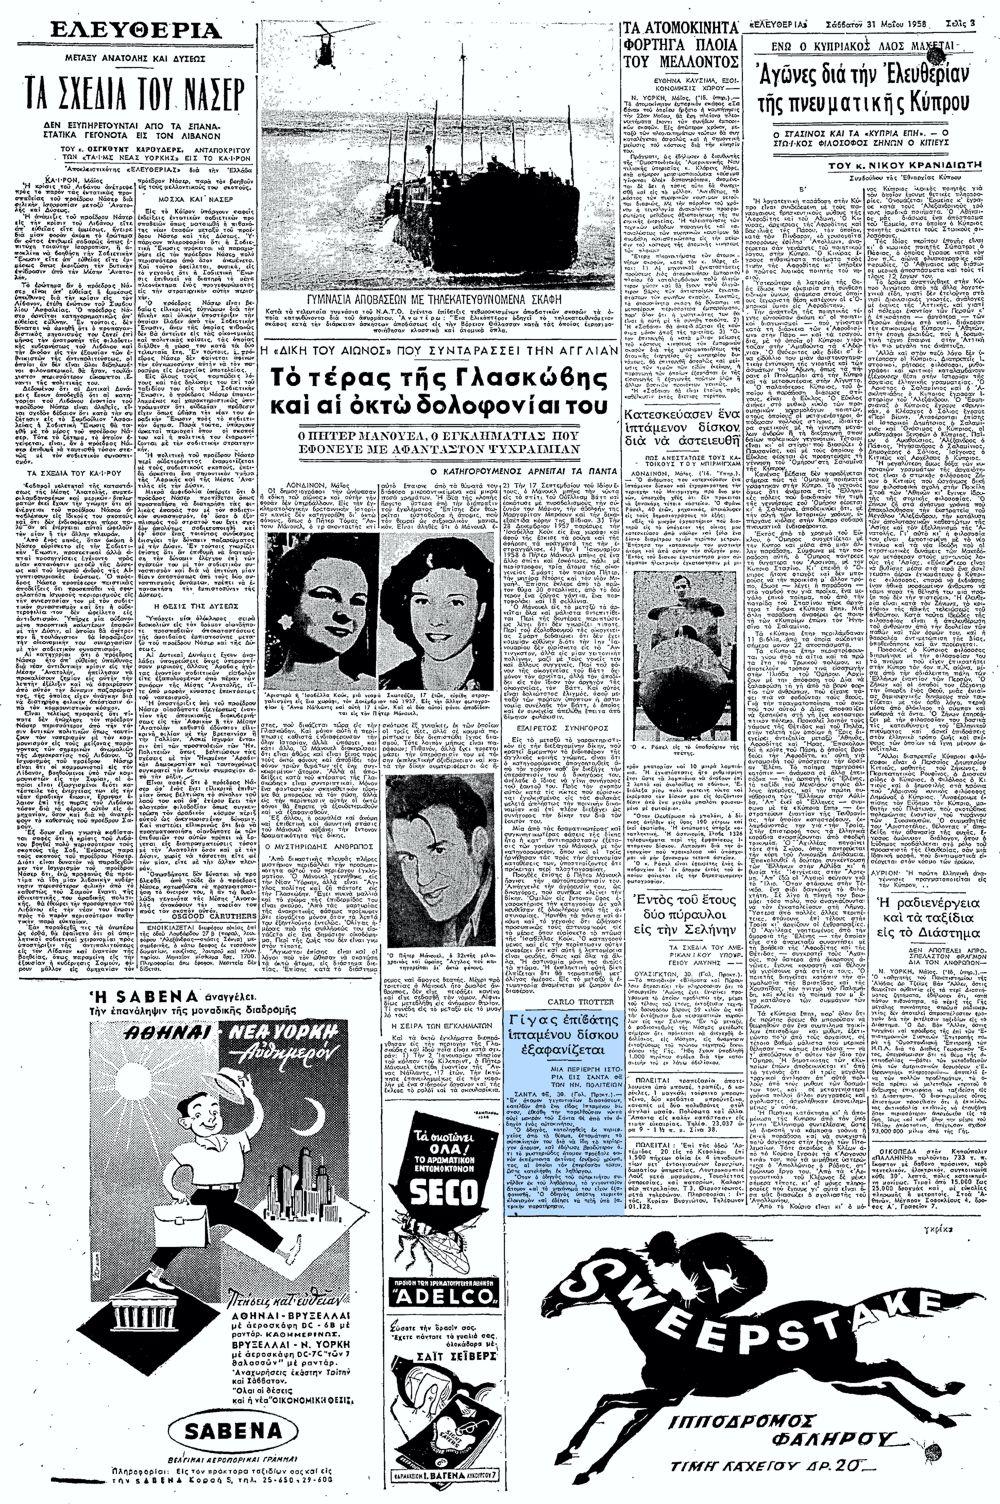 """Το άρθρο, όπως δημοσιεύθηκε στην εφημερίδα """"ΕΛΕΥΘΕΡΙΑ"""", στις 31/05/1958"""